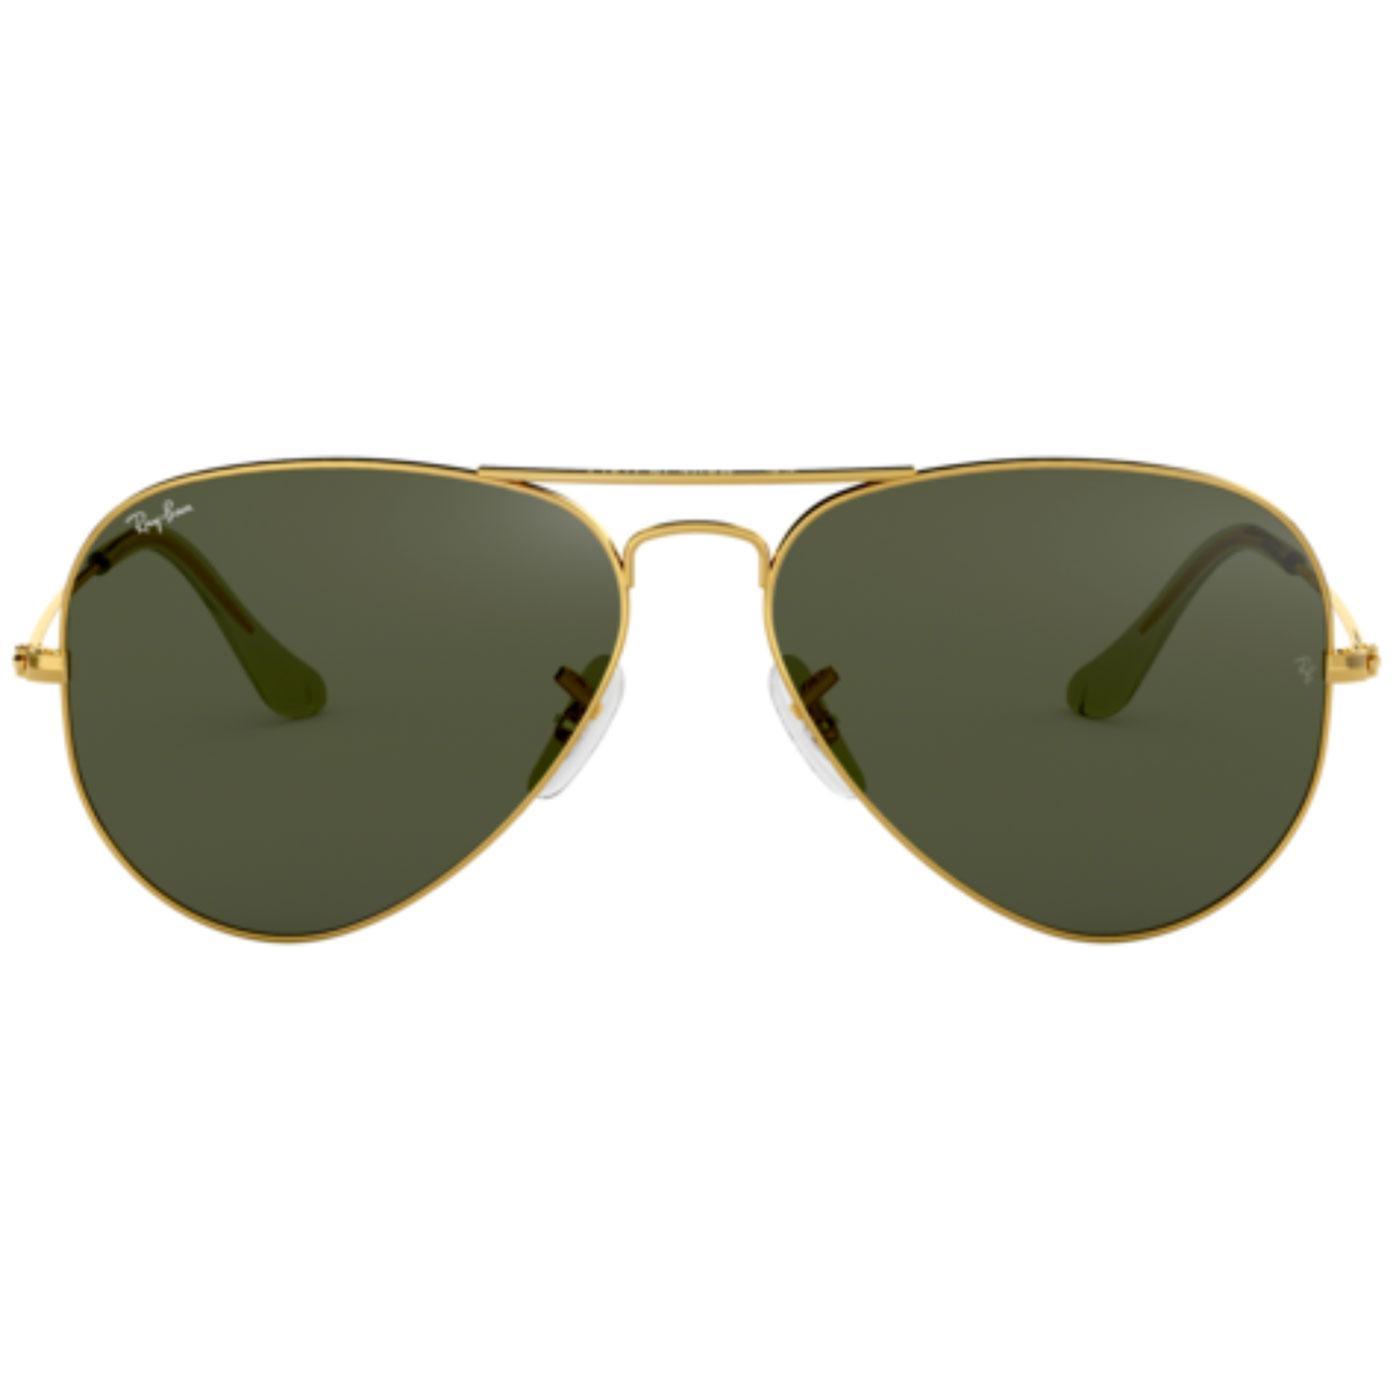 RAY-BAN Retro 60s Mod Aviator Sunglasses in Gold